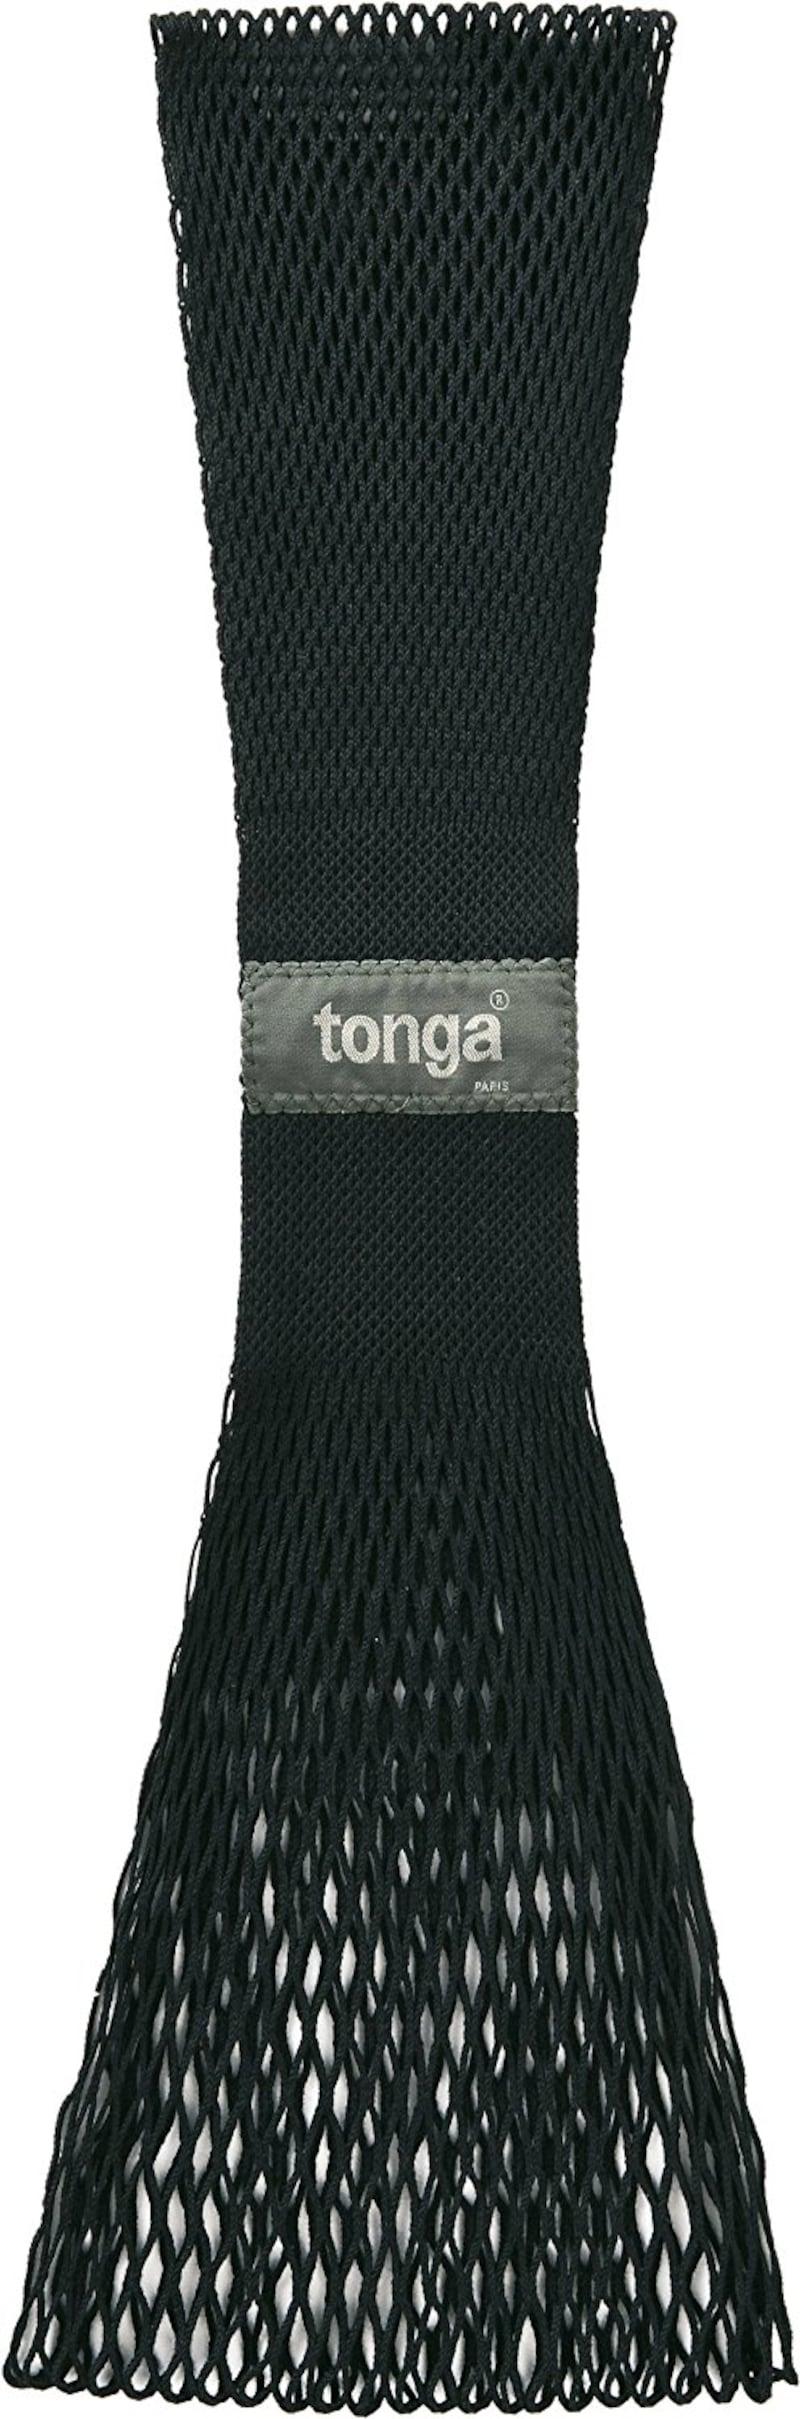 Tonga トンガ・フィット ブラック/S